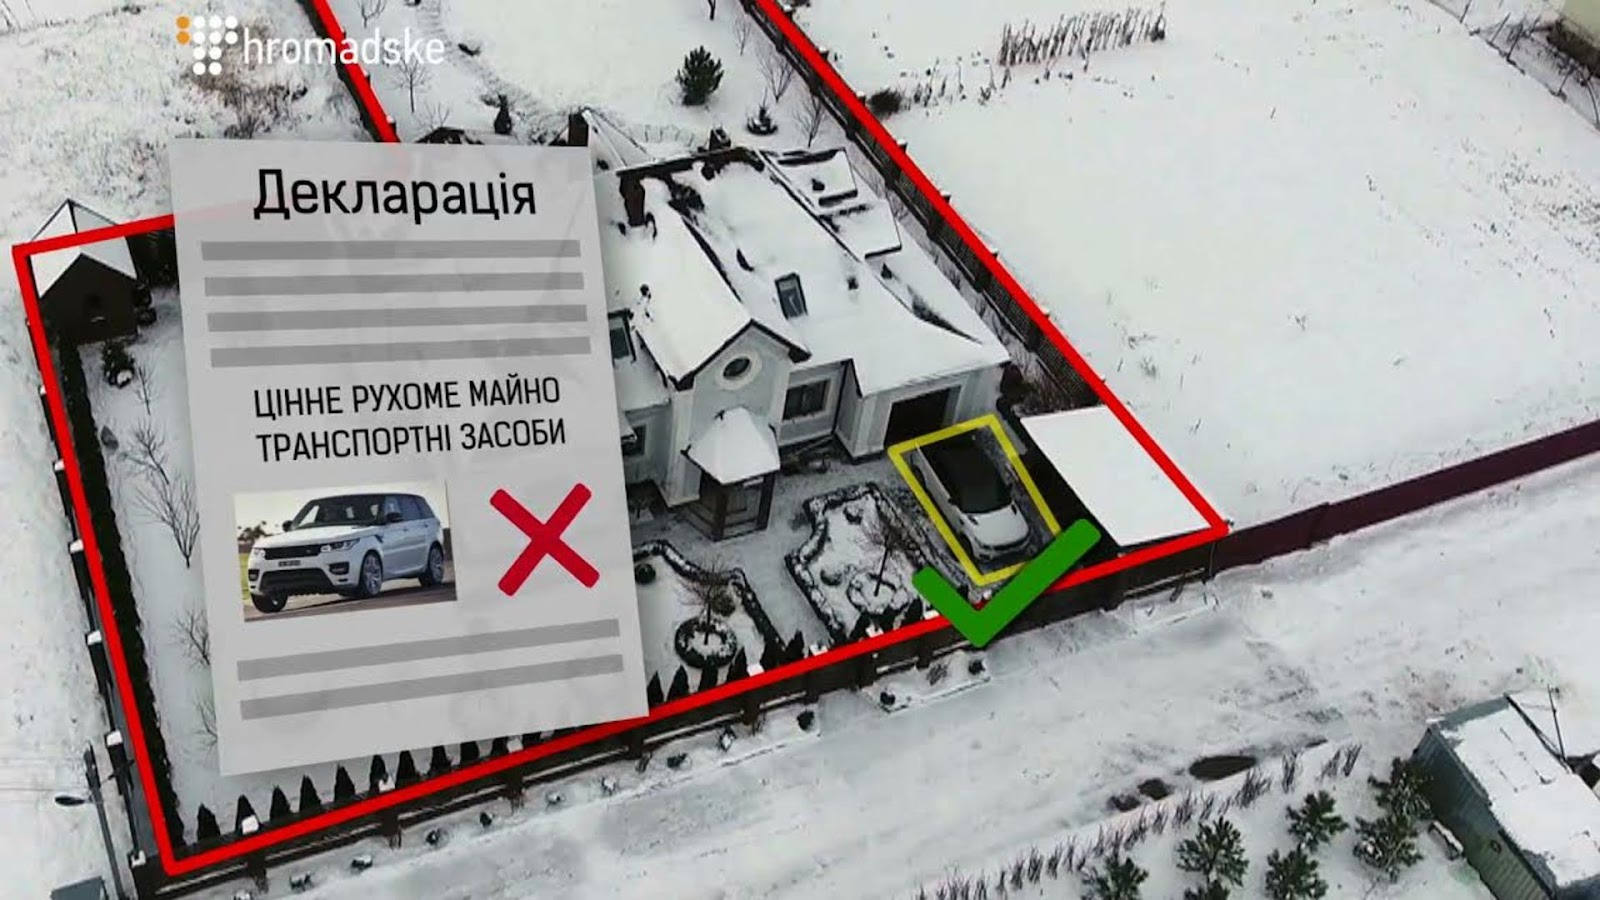 Украина уже прошла самую низшую точку своего падения, - Розенко - Цензор.НЕТ 7405